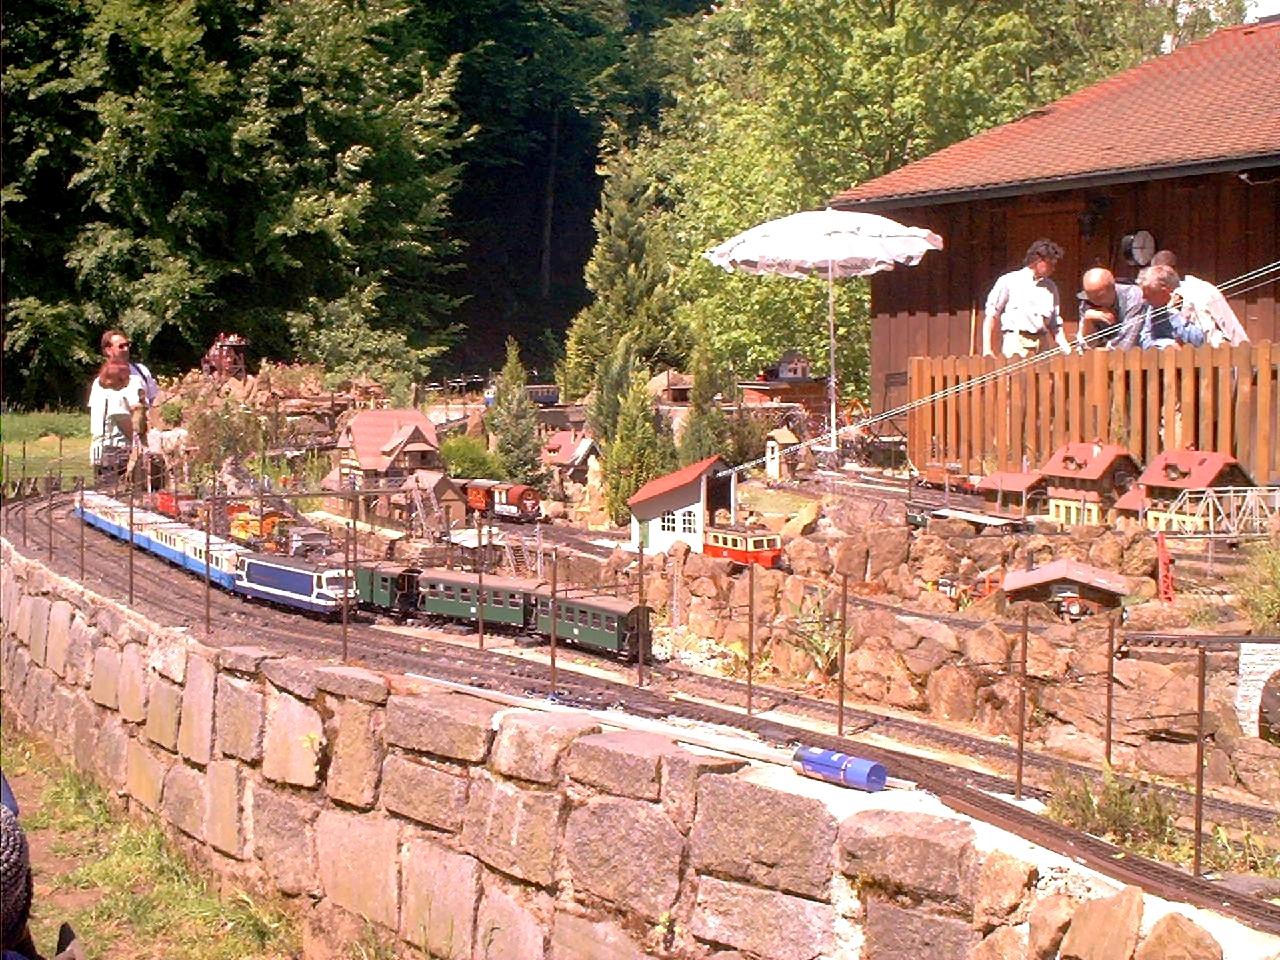 Marienmühle - Micha's Außenanlage - 2002